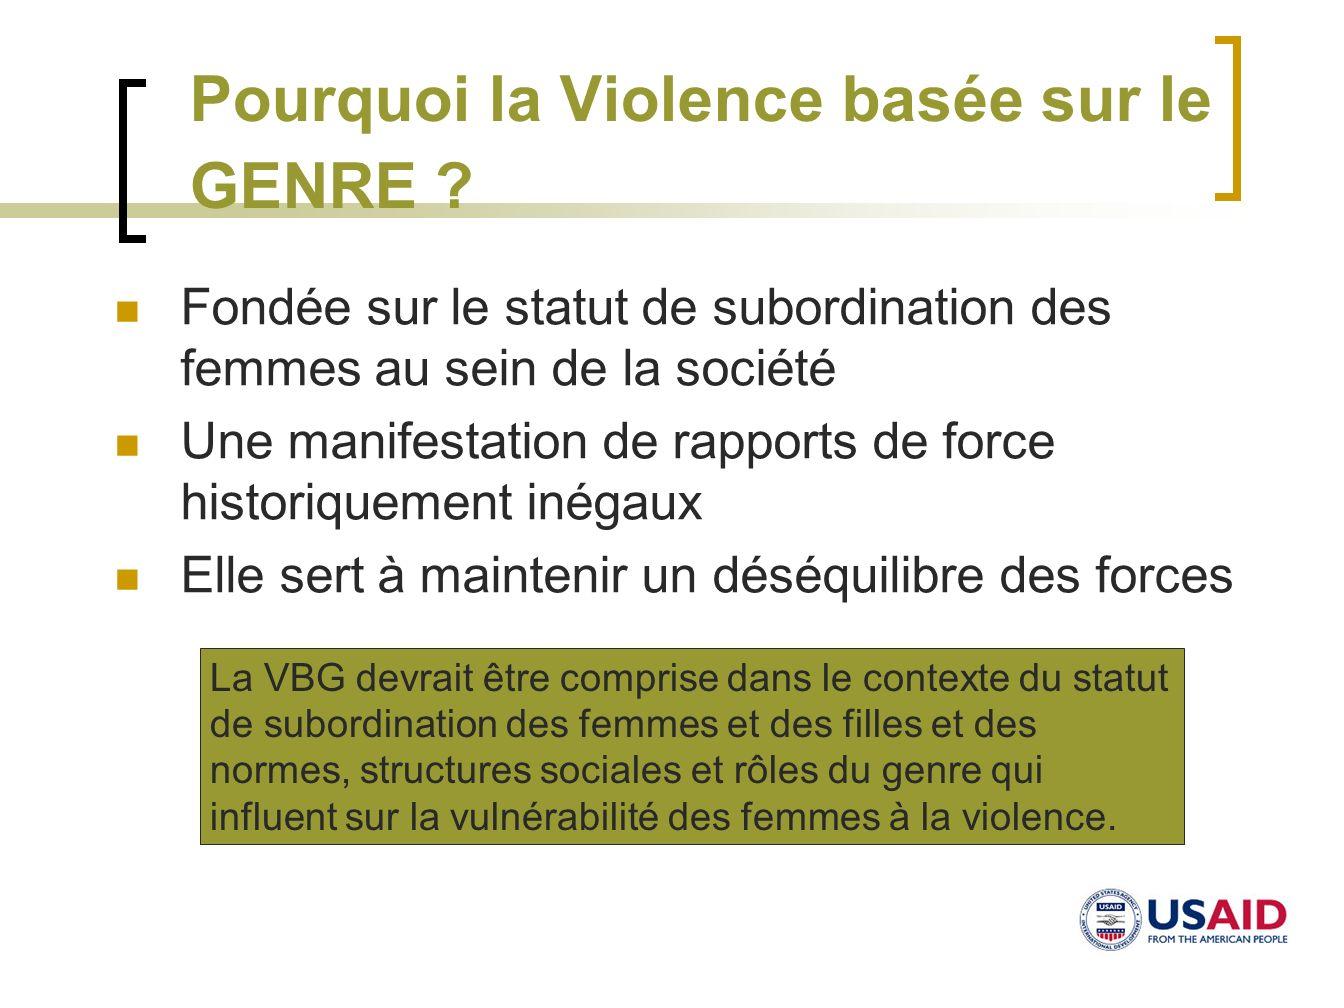 Pourquoi la Violence basée sur le GENRE